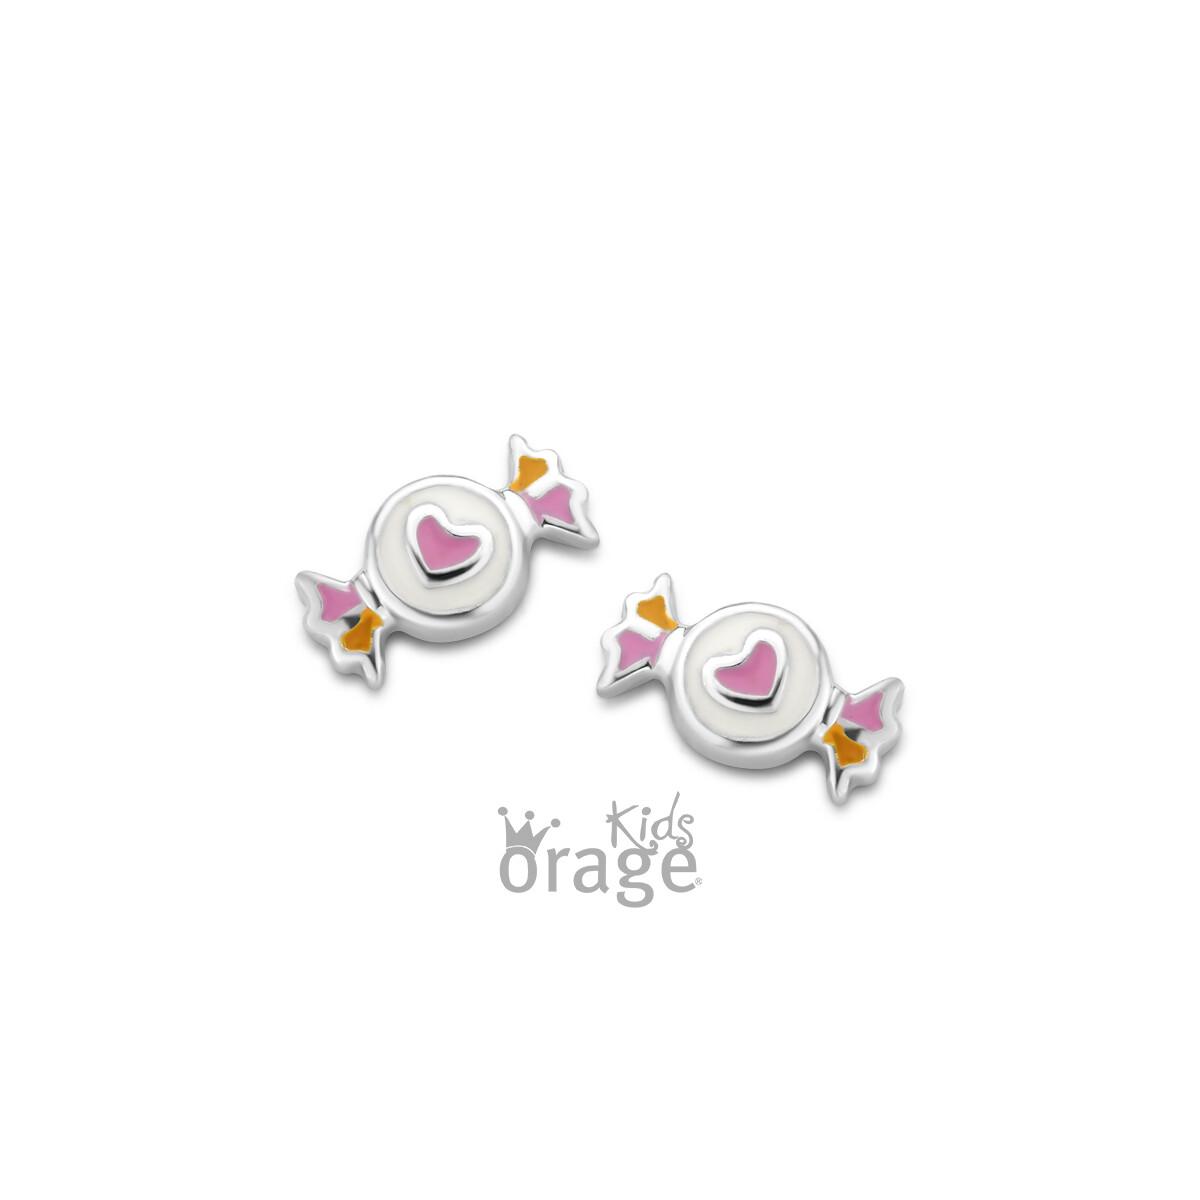 Boucles d'oreilles Orage Kids K1962